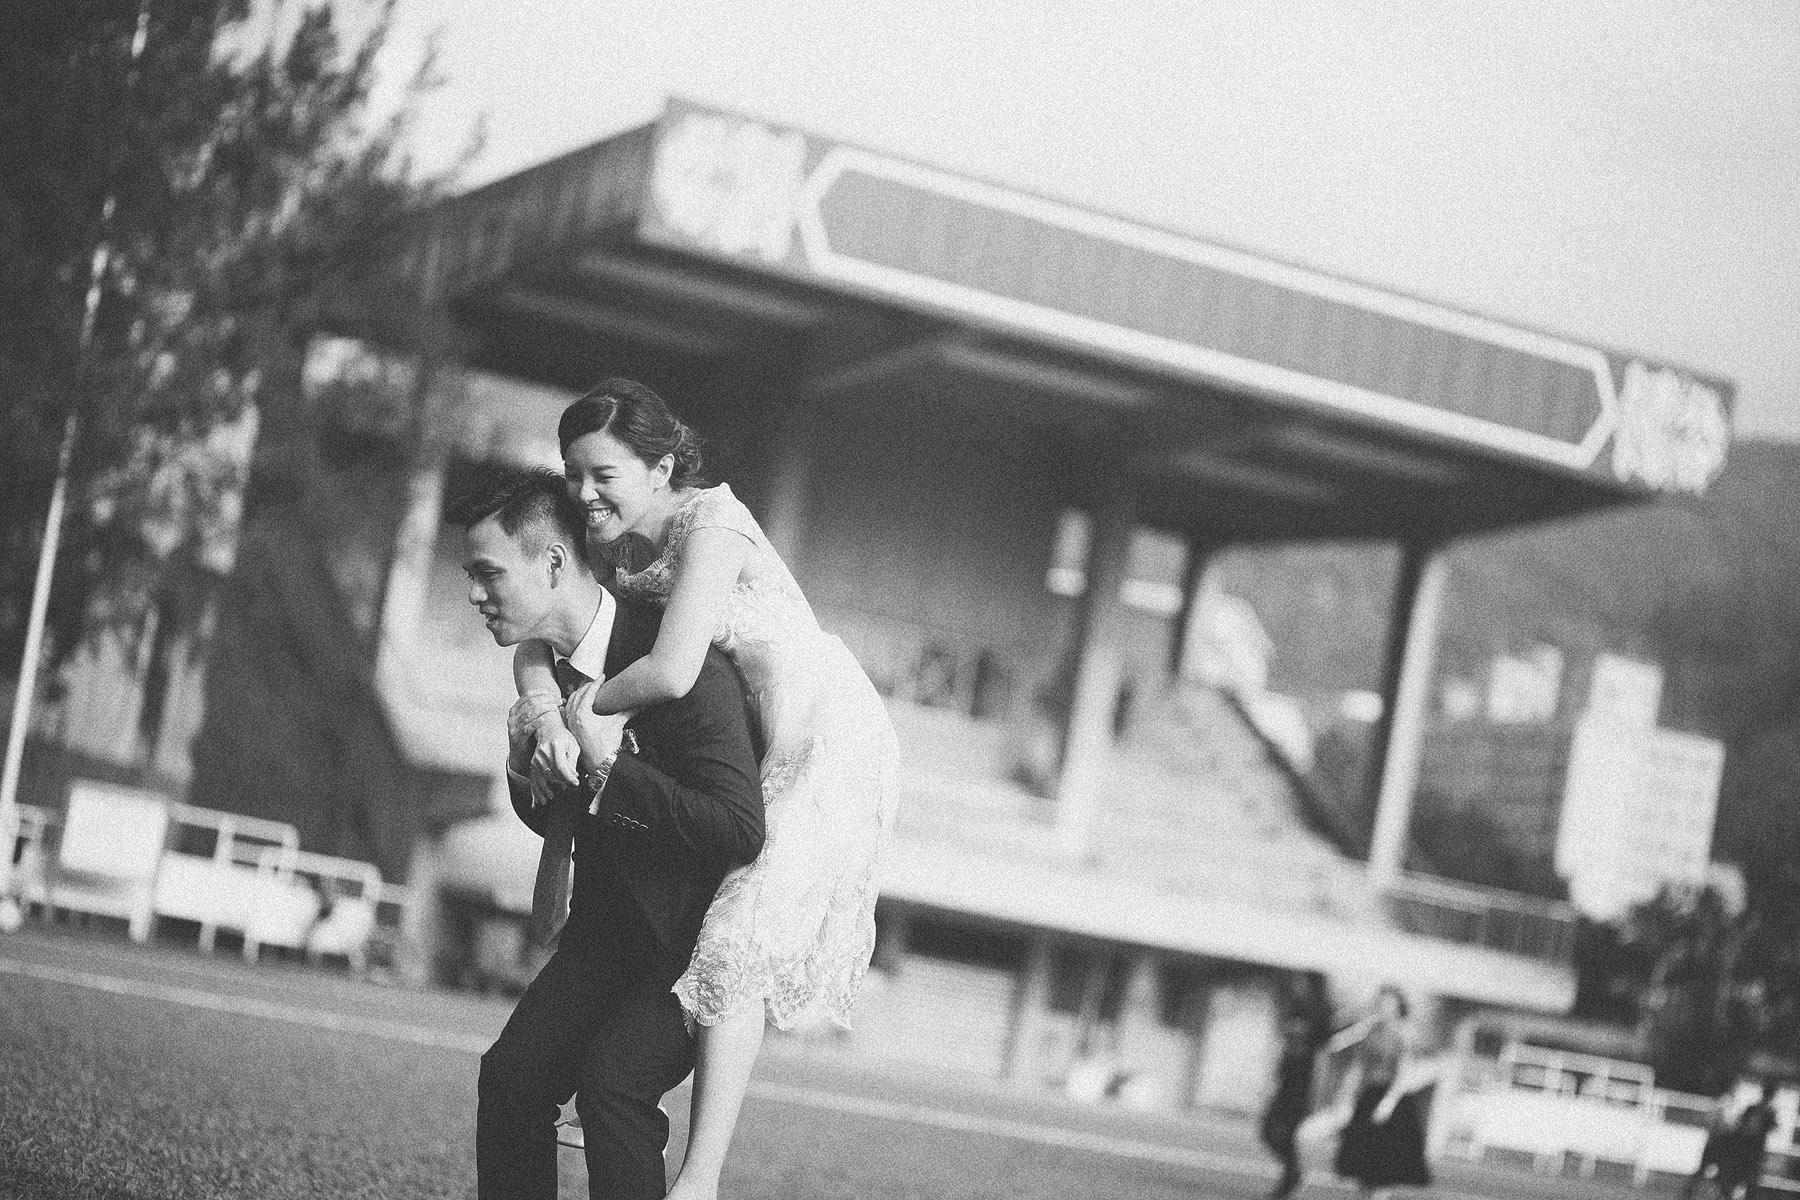 底片婚攝,婚禮攝影,電影風格,台北婚攝推薦,婚攝,婚禮紀錄,底片風格,基督徒,政治大學,外拍,偽婚紗